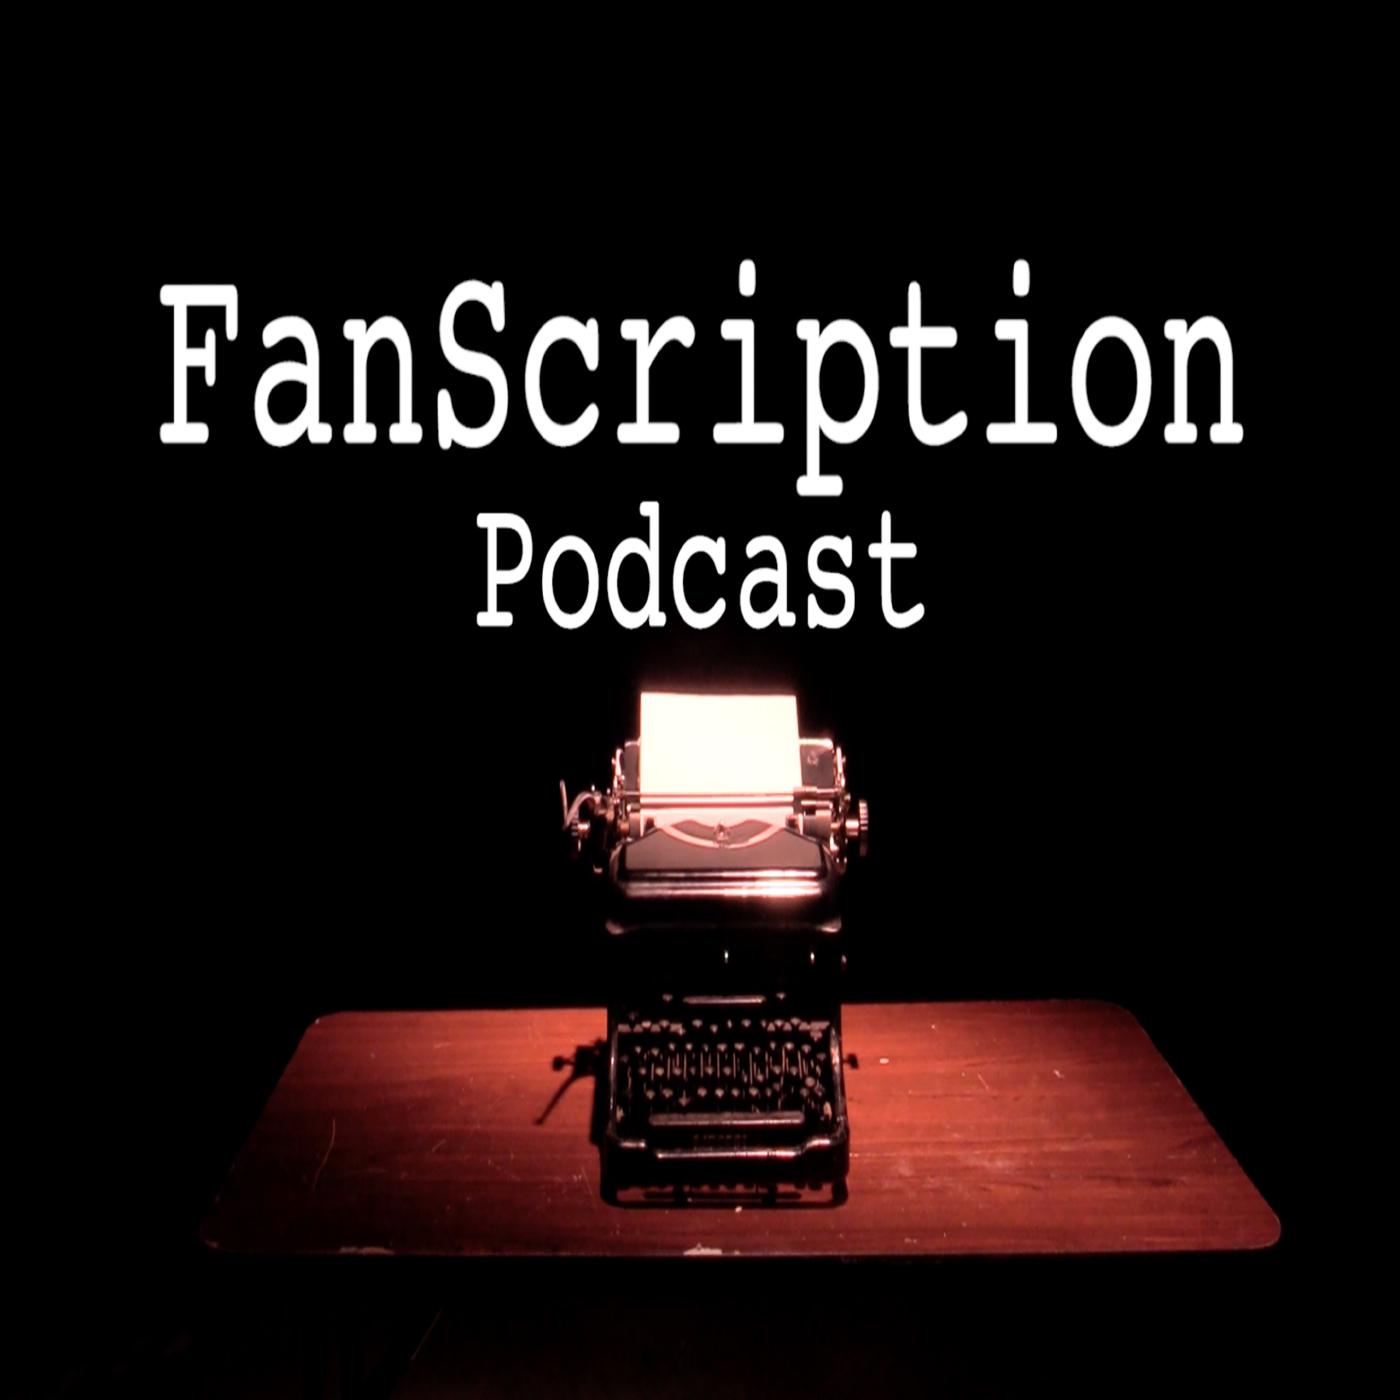 FanScription